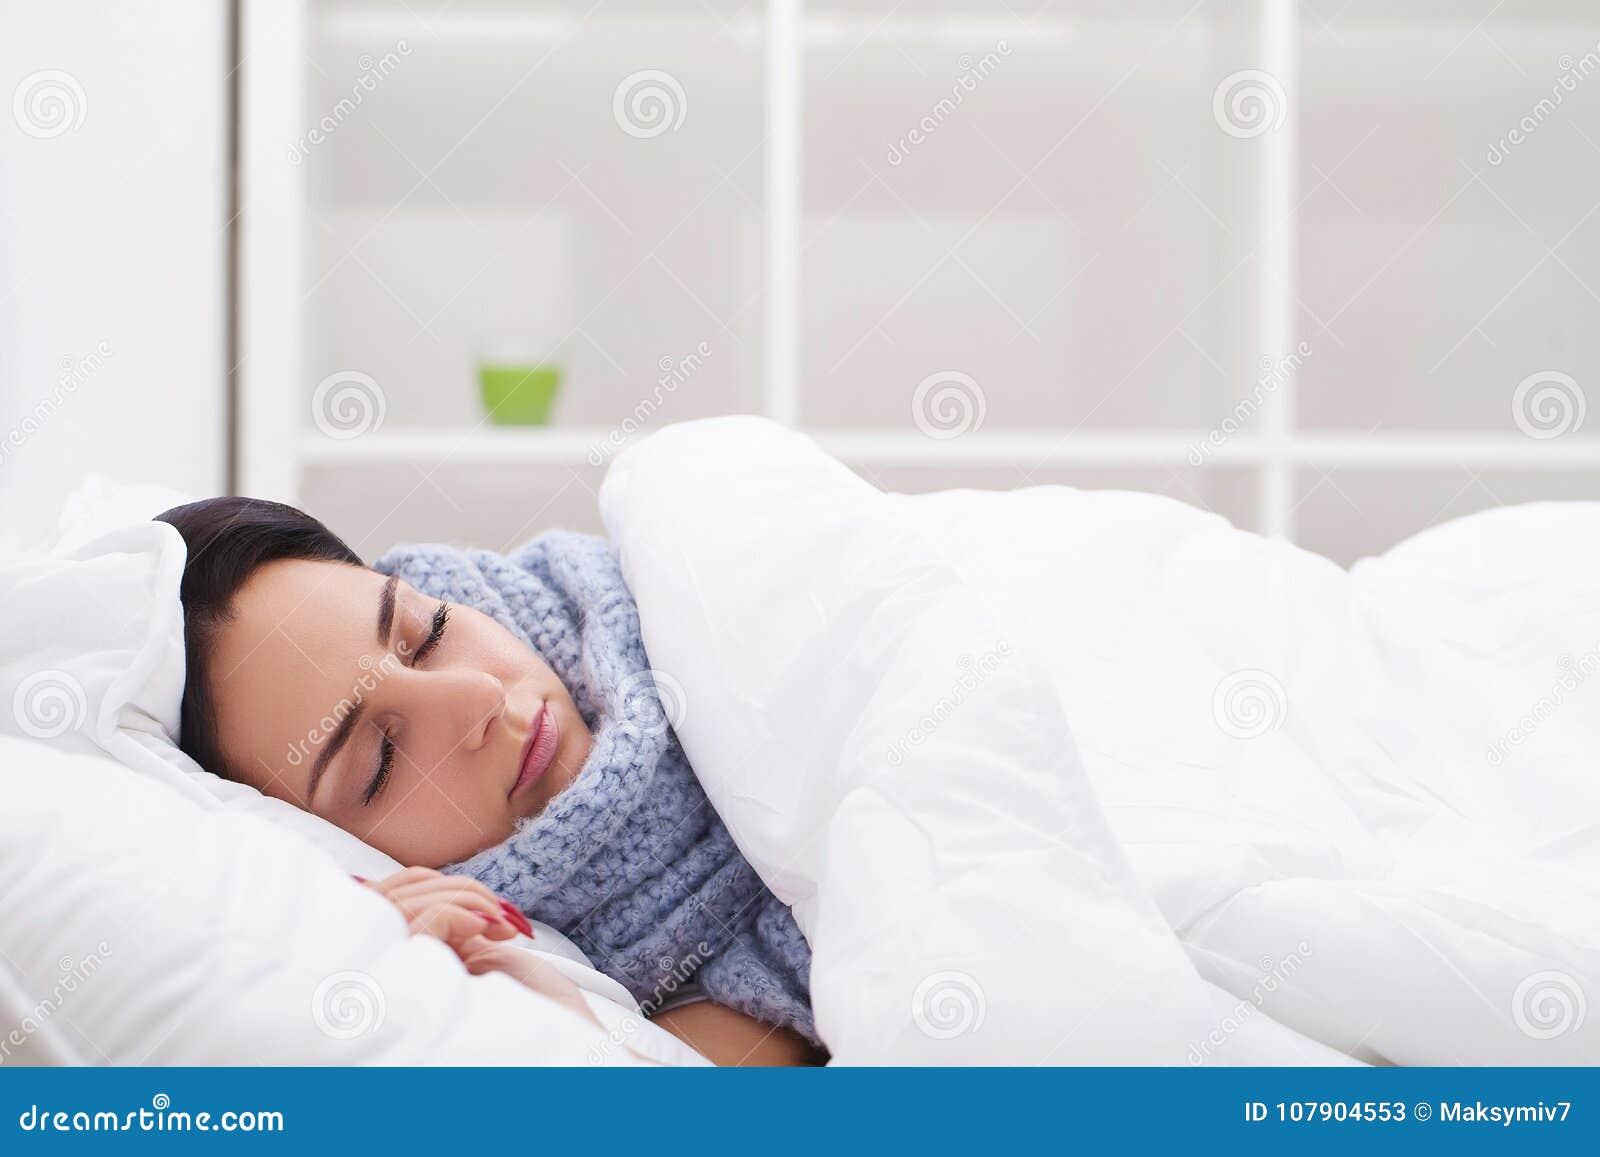 Frau mit kranken Kälten des Thermometers, Grippe, Fieber, Kopfschmerzen im Bett